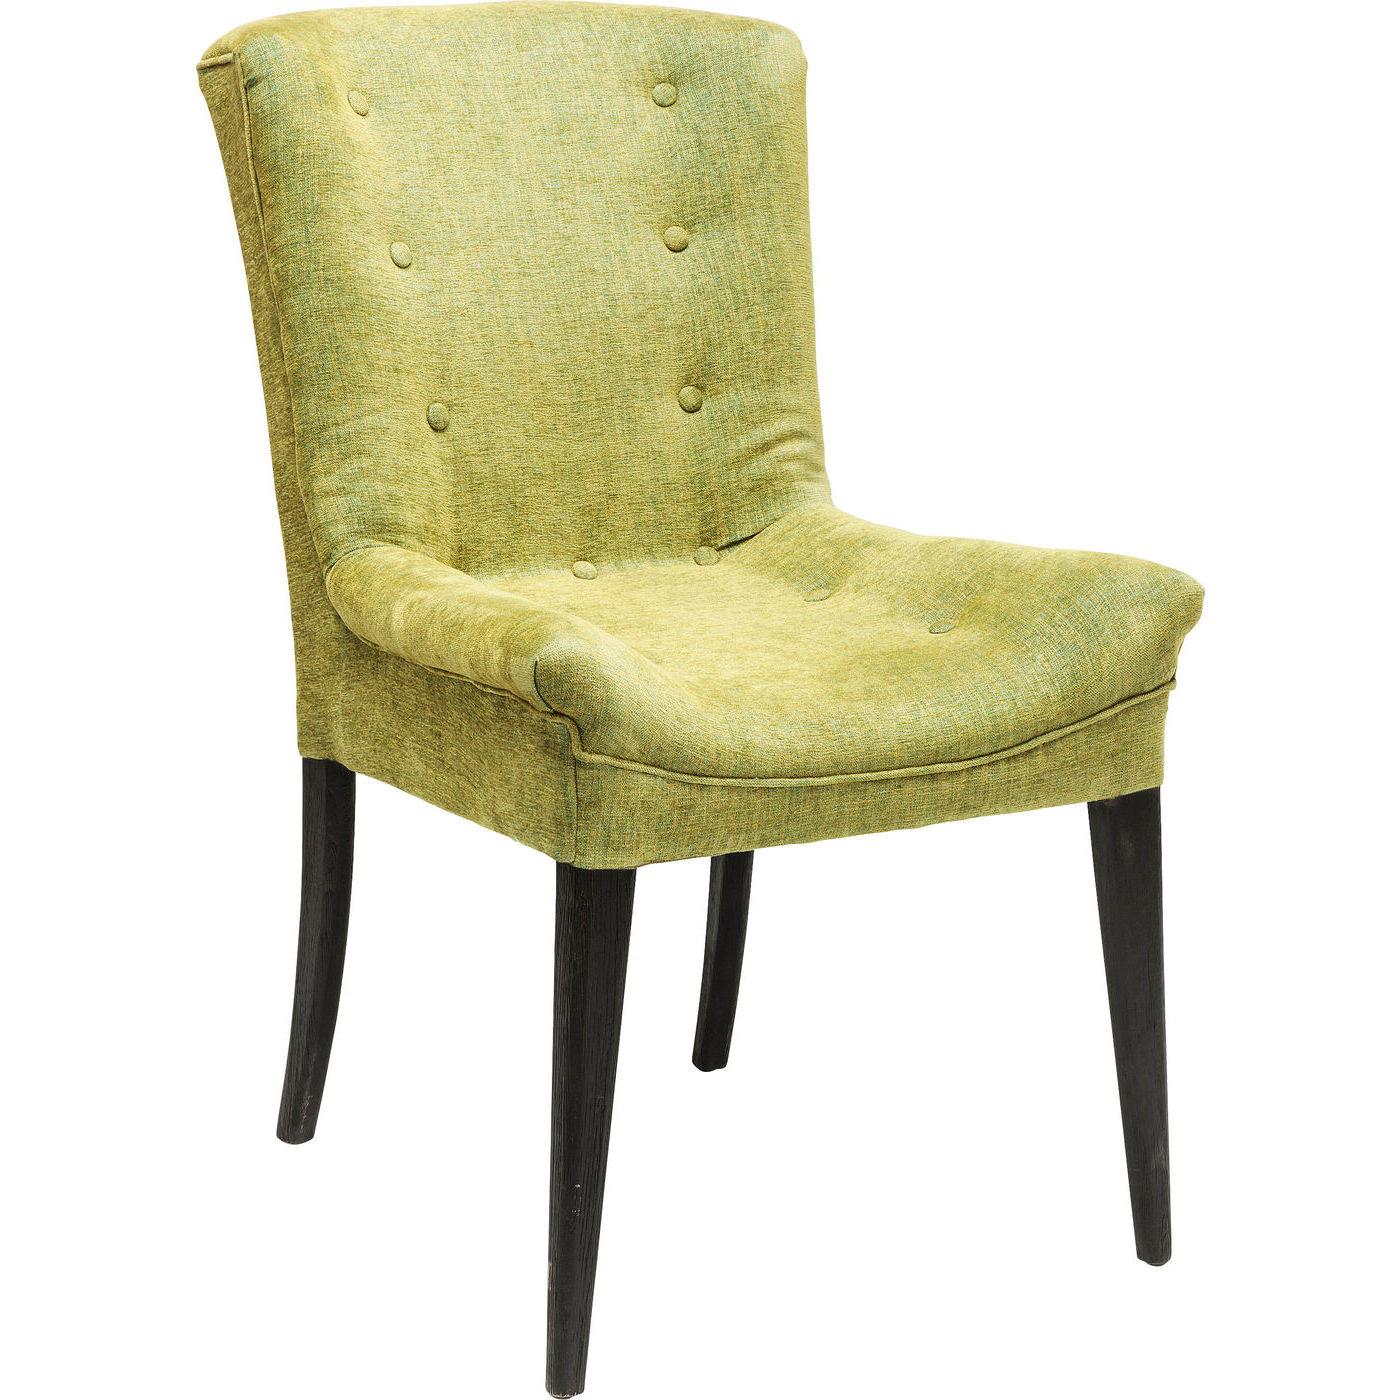 kare design st hle tische mutoni m bel. Black Bedroom Furniture Sets. Home Design Ideas